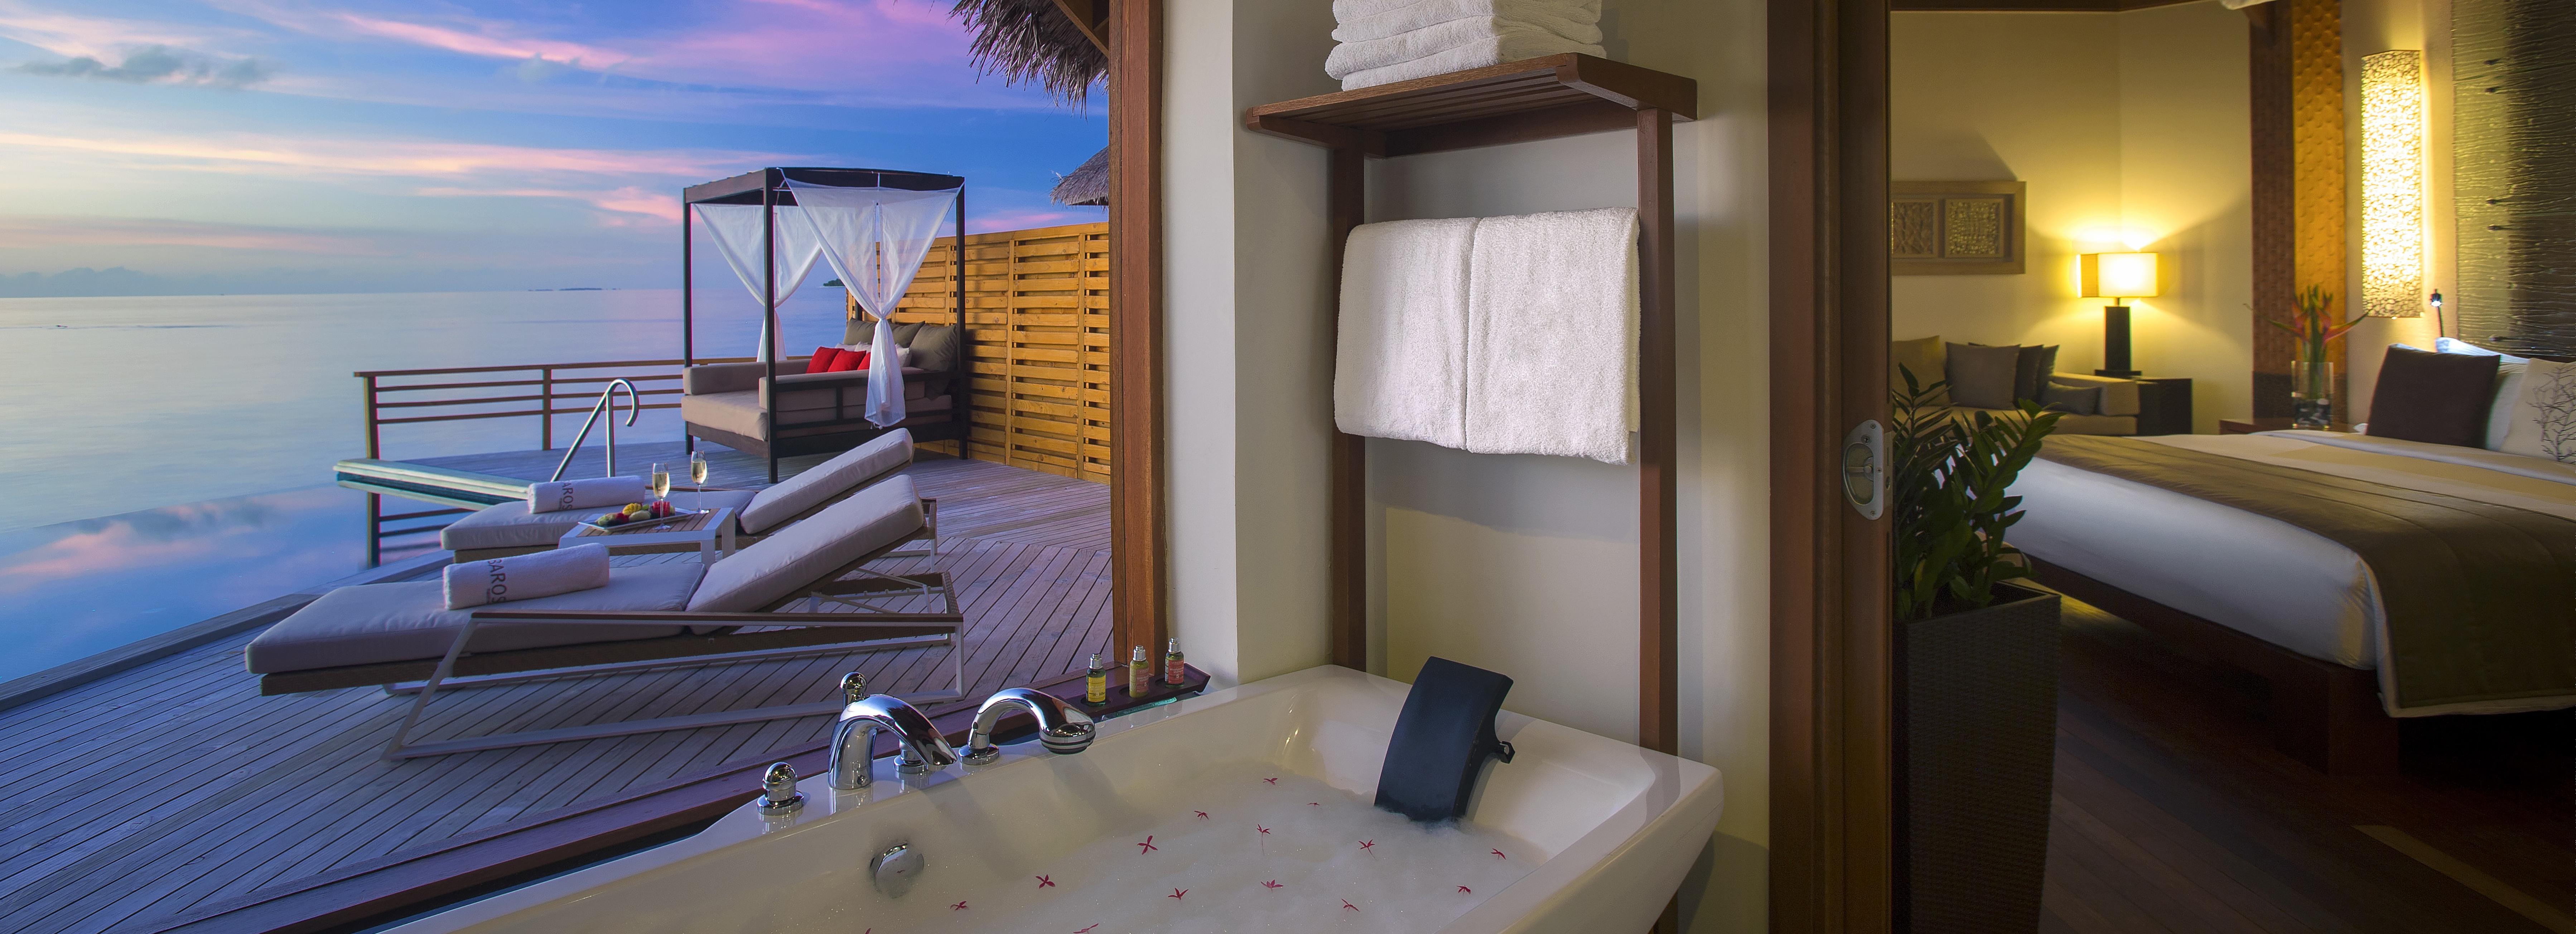 baros-water-pool-villa-interior